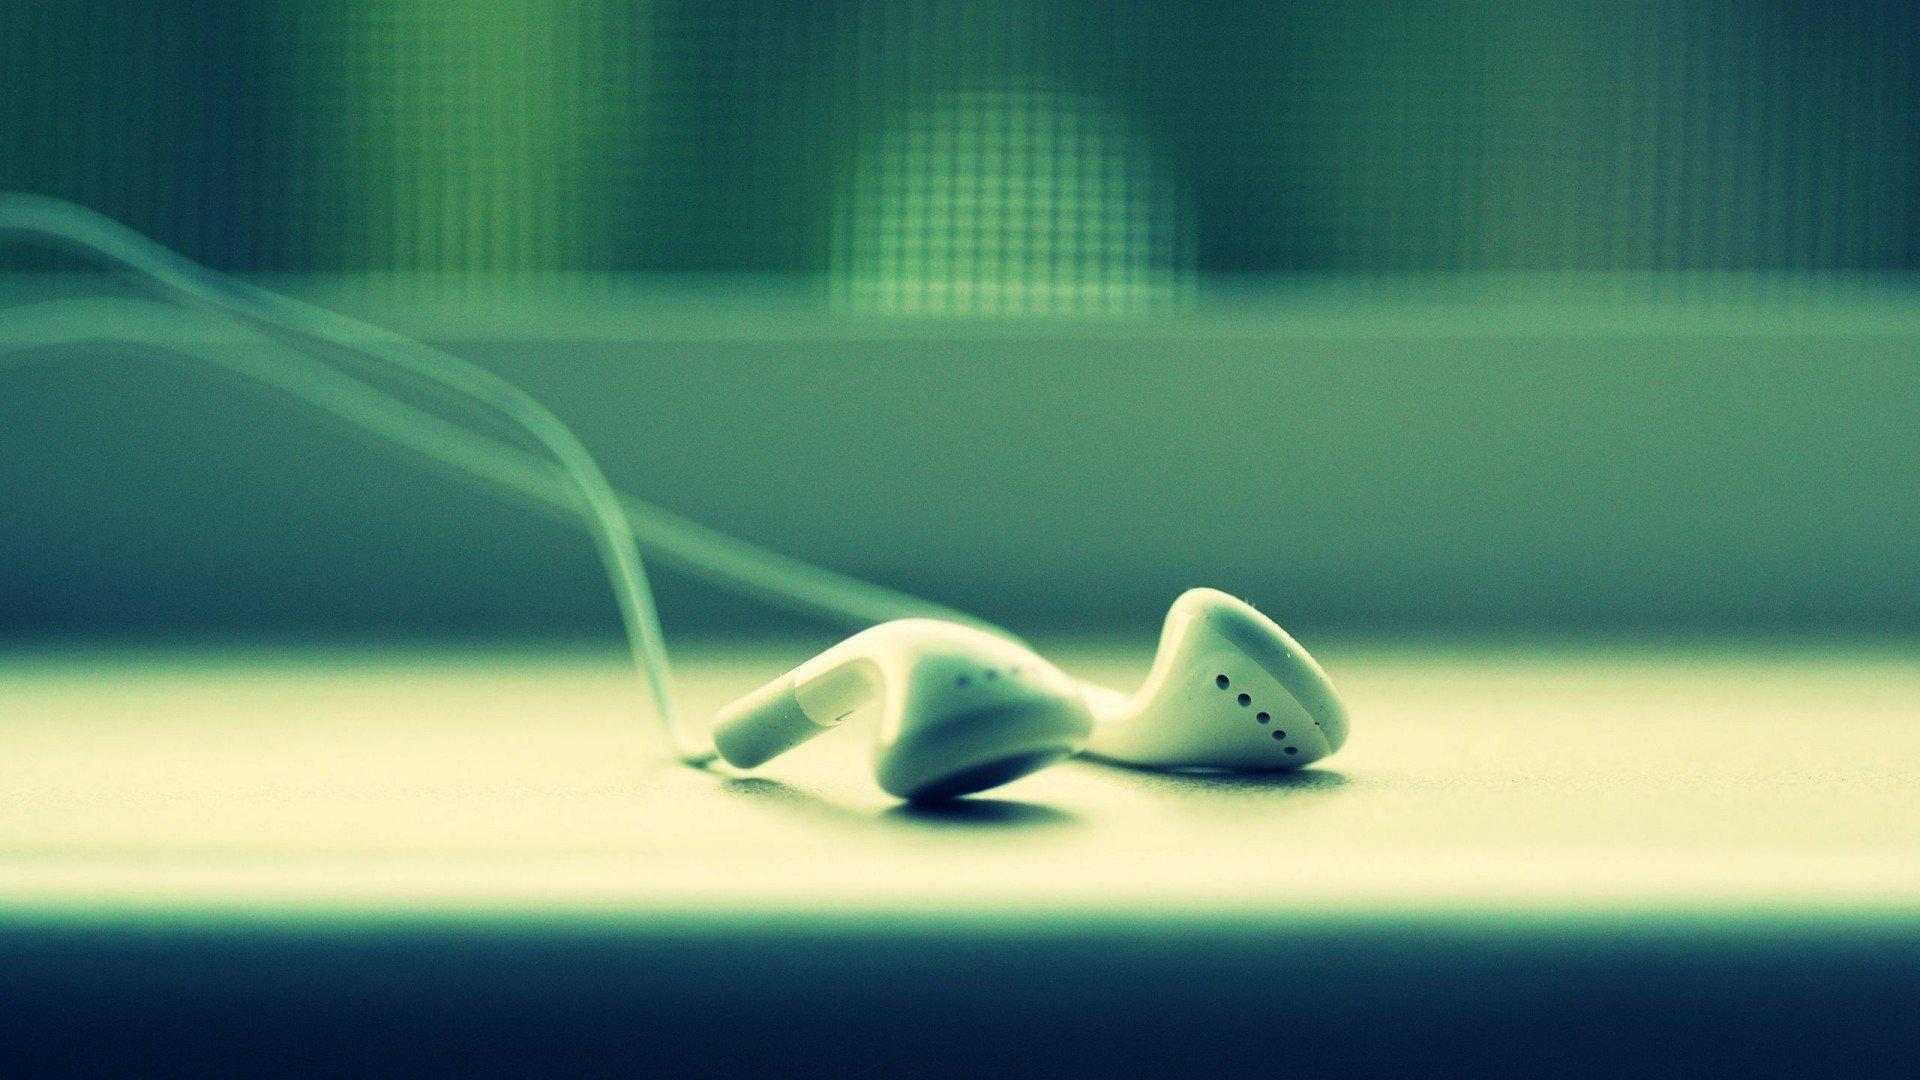 Headphones Music Microphones 4500x4100 Wallpaper: Headphones Music IPod Electronics Earphones Objects